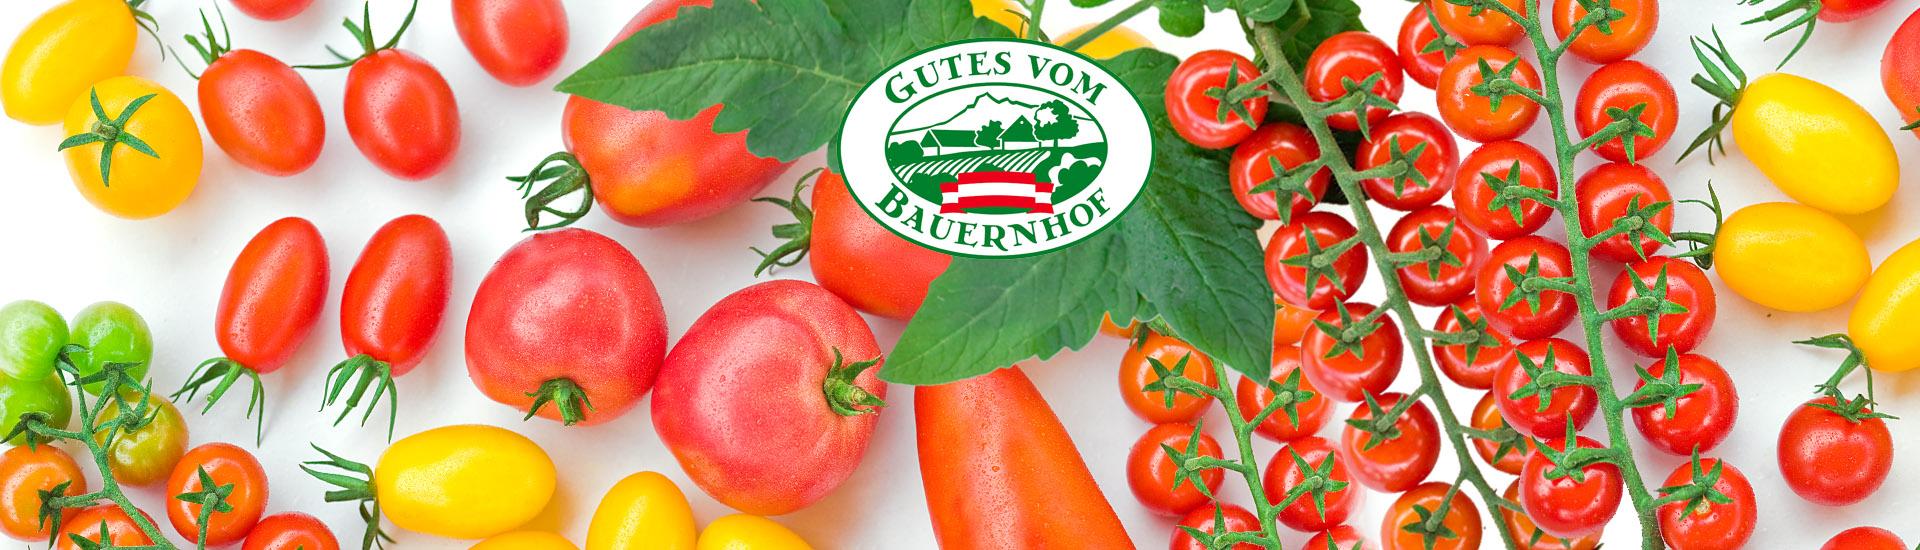 Gärtnerei Ganger | Genuss | Gemüse | Obst | Pflanzen | Floristik